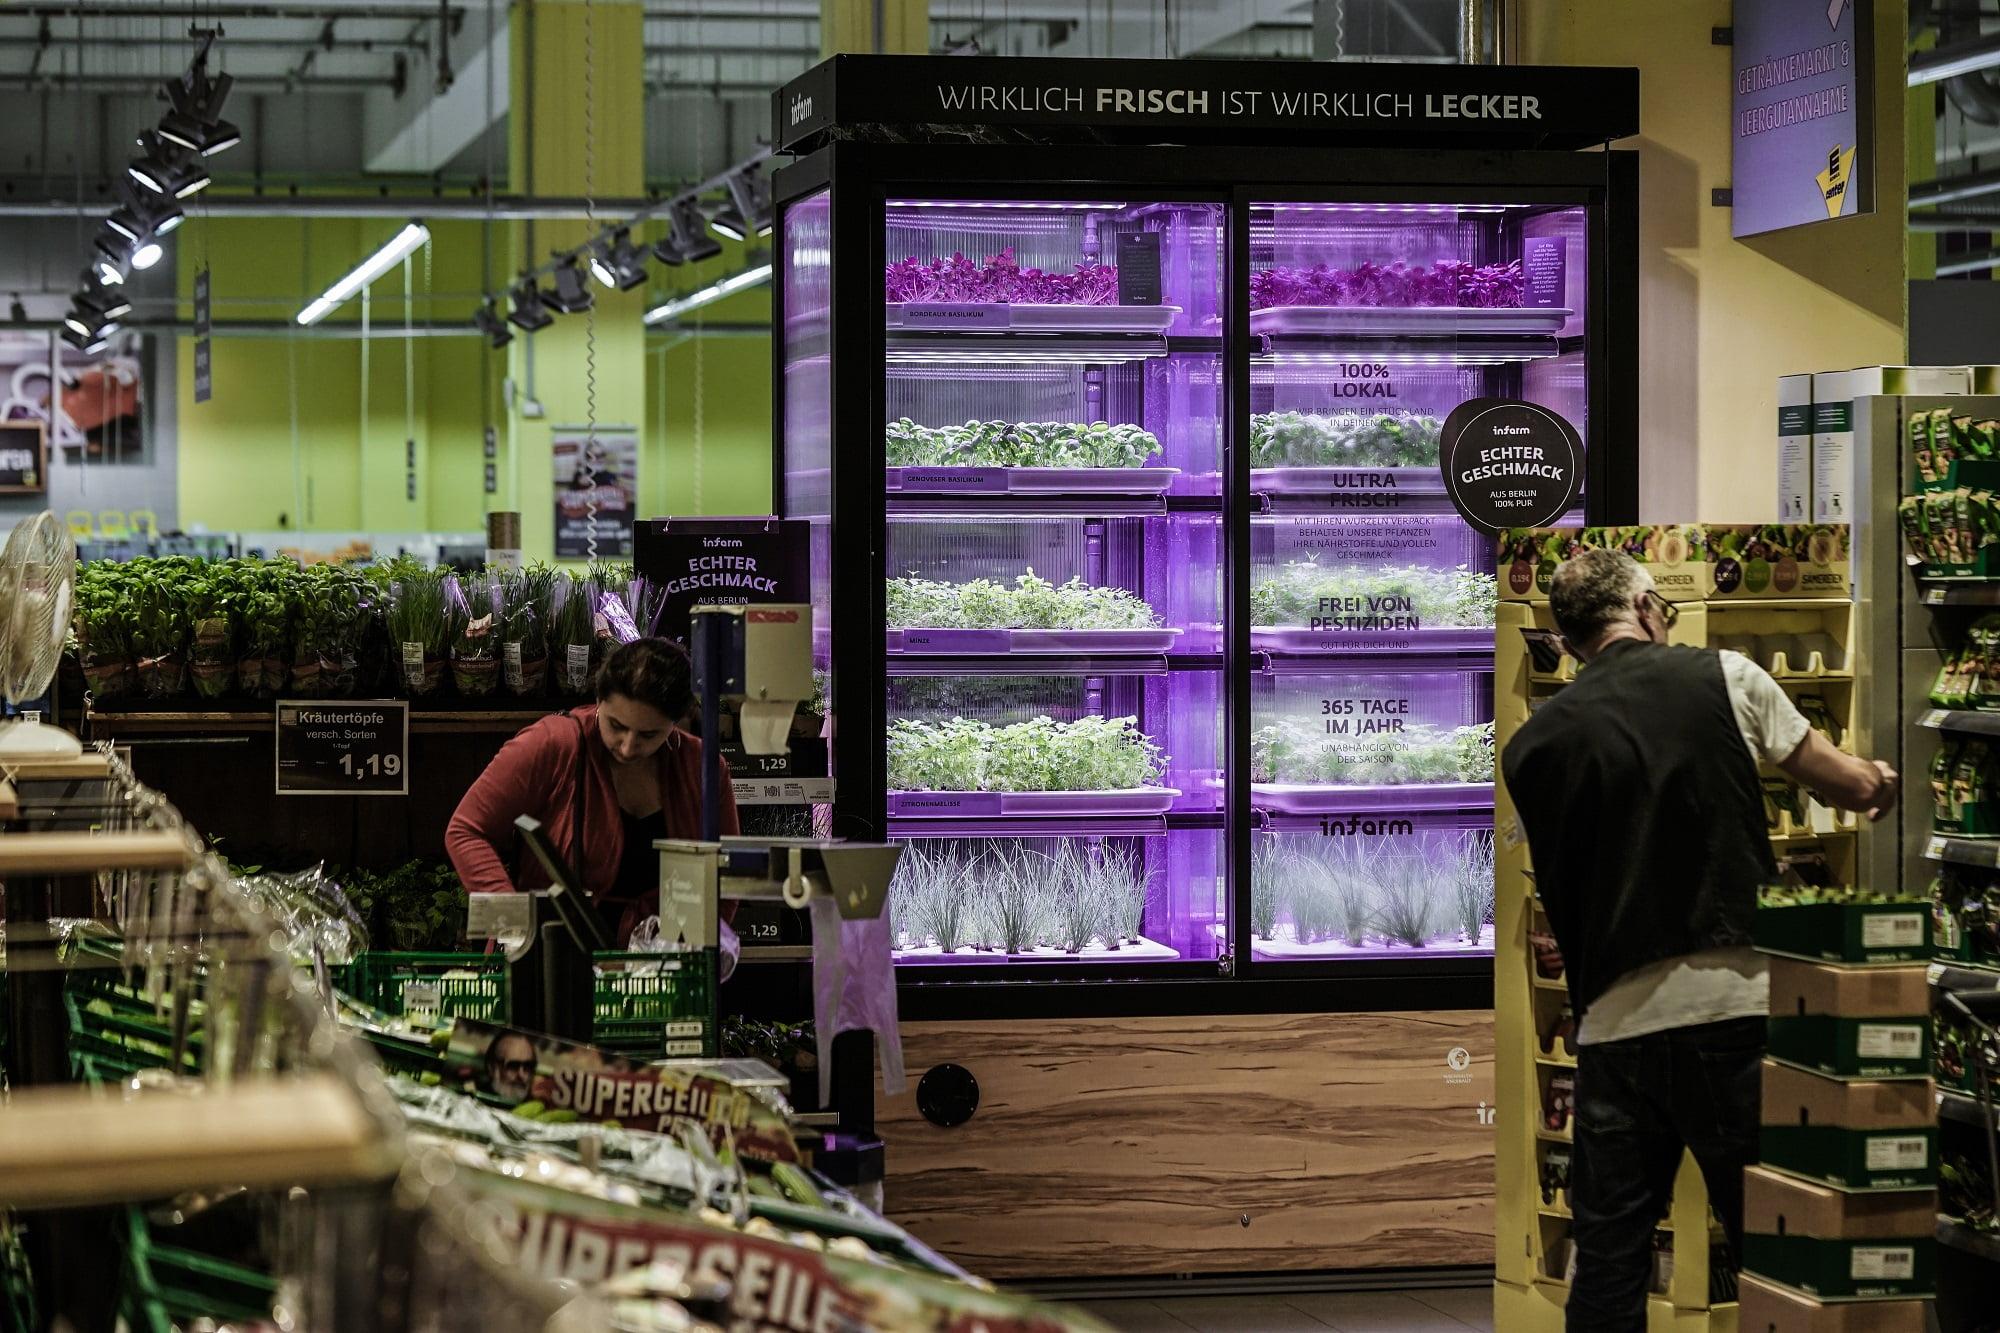 Облачное земледелие: ферма в супермаркете, в Германии. Фото Крогер NoCamel